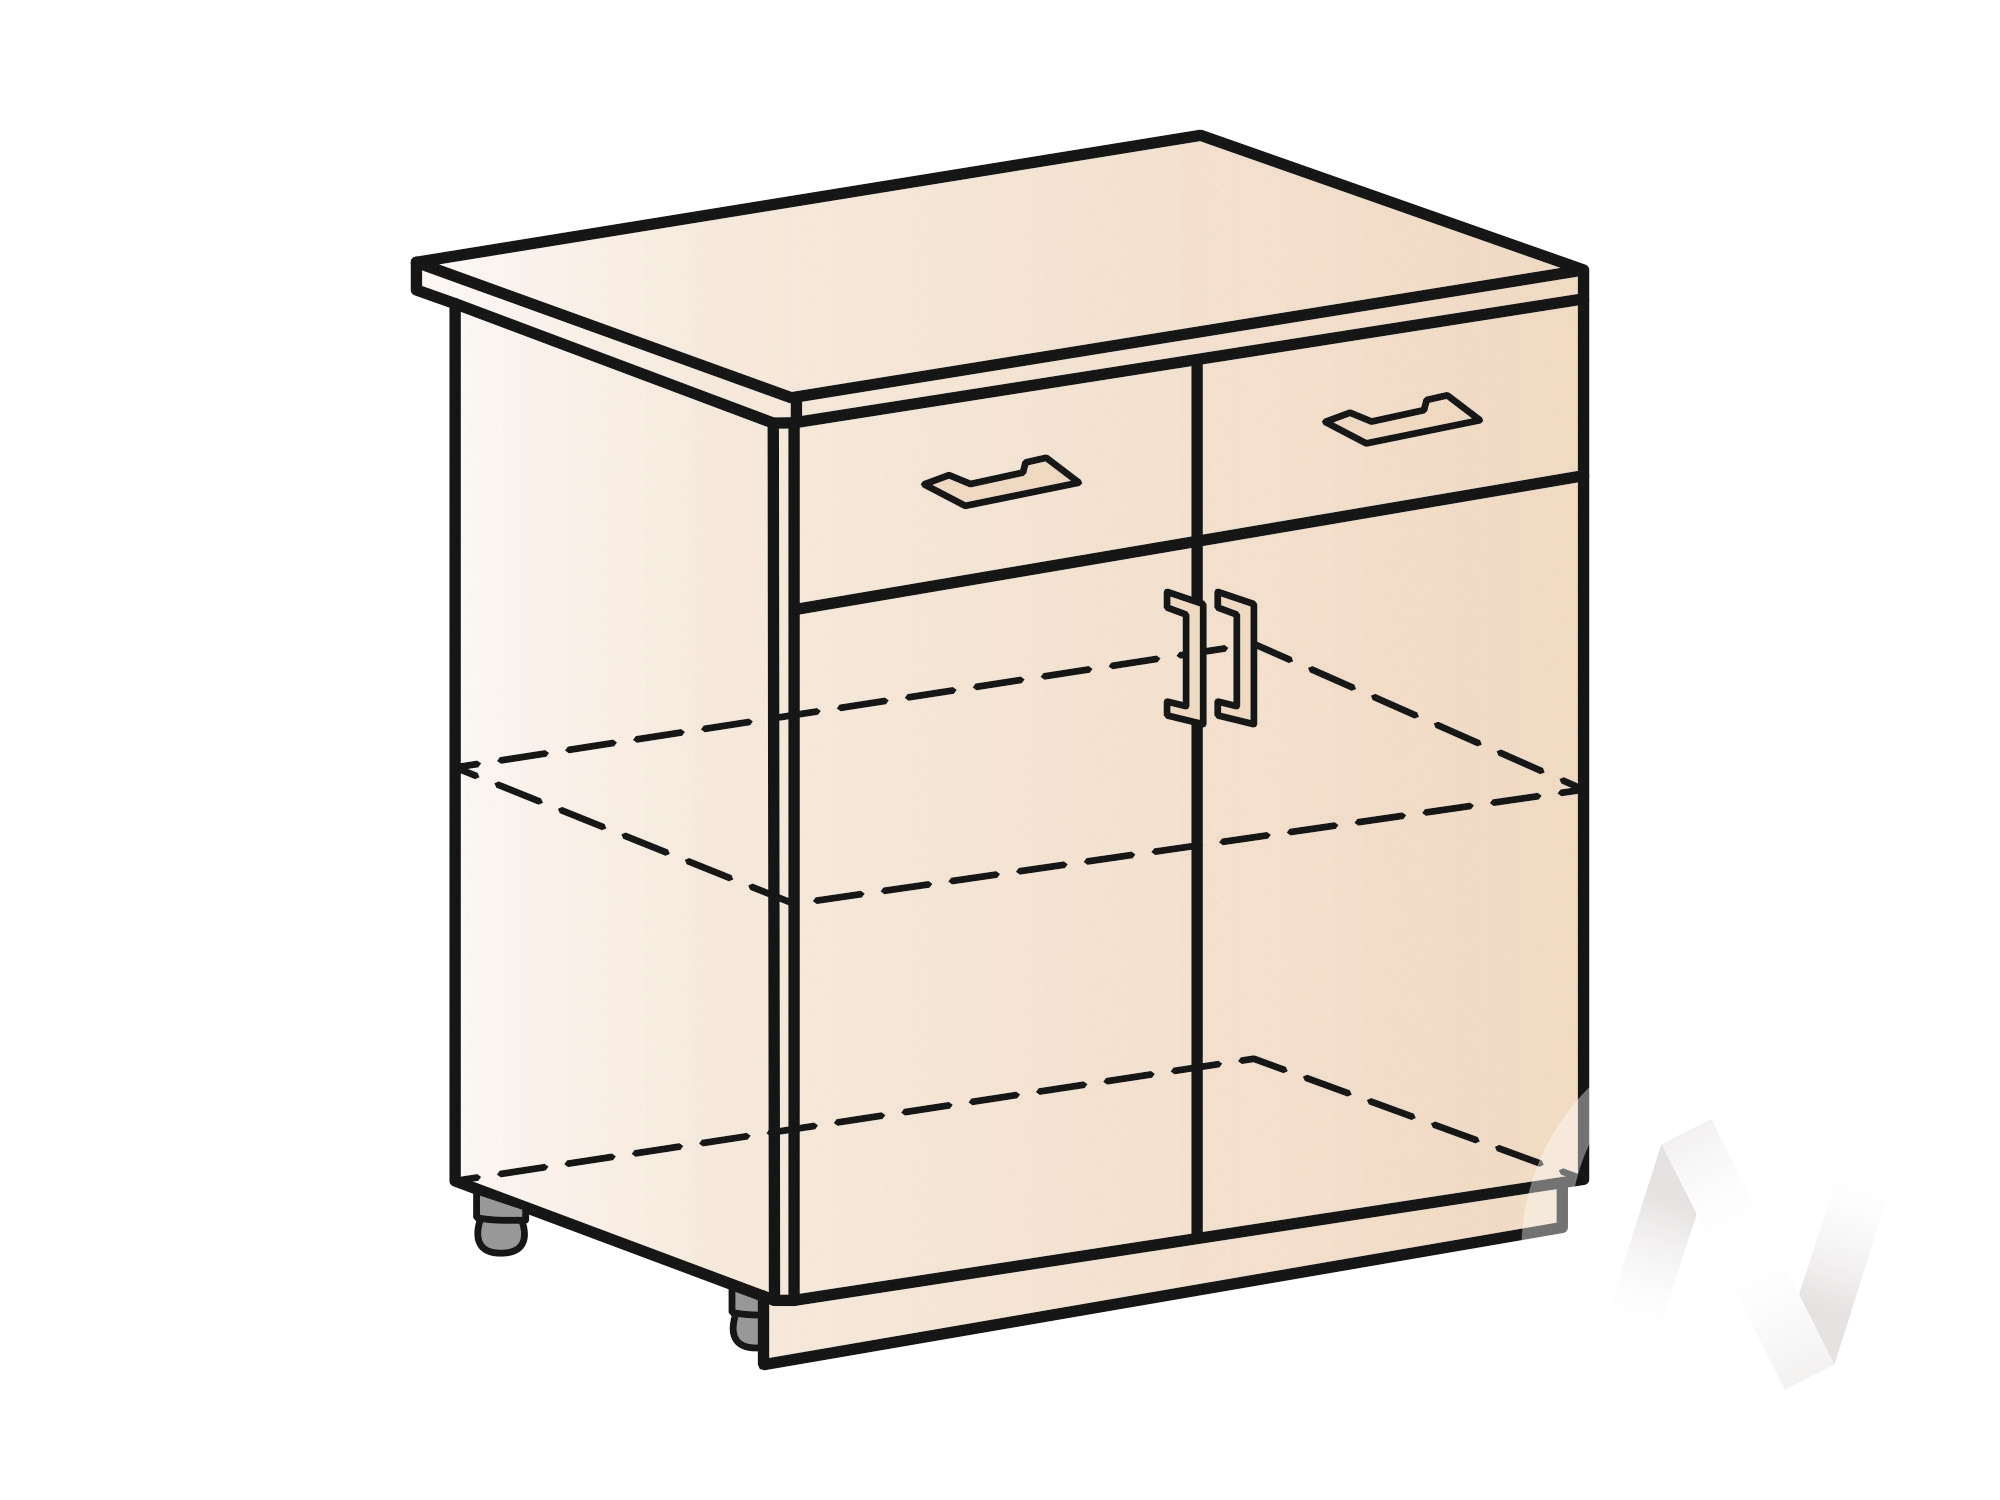 """Купить кухня """"струна"""": шкаф нижний с ящиками 800, шн1я 800 (фиолетовый металлик/корпус венге) в Новосибирске в интернет-магазине Мебель плюс Техника"""